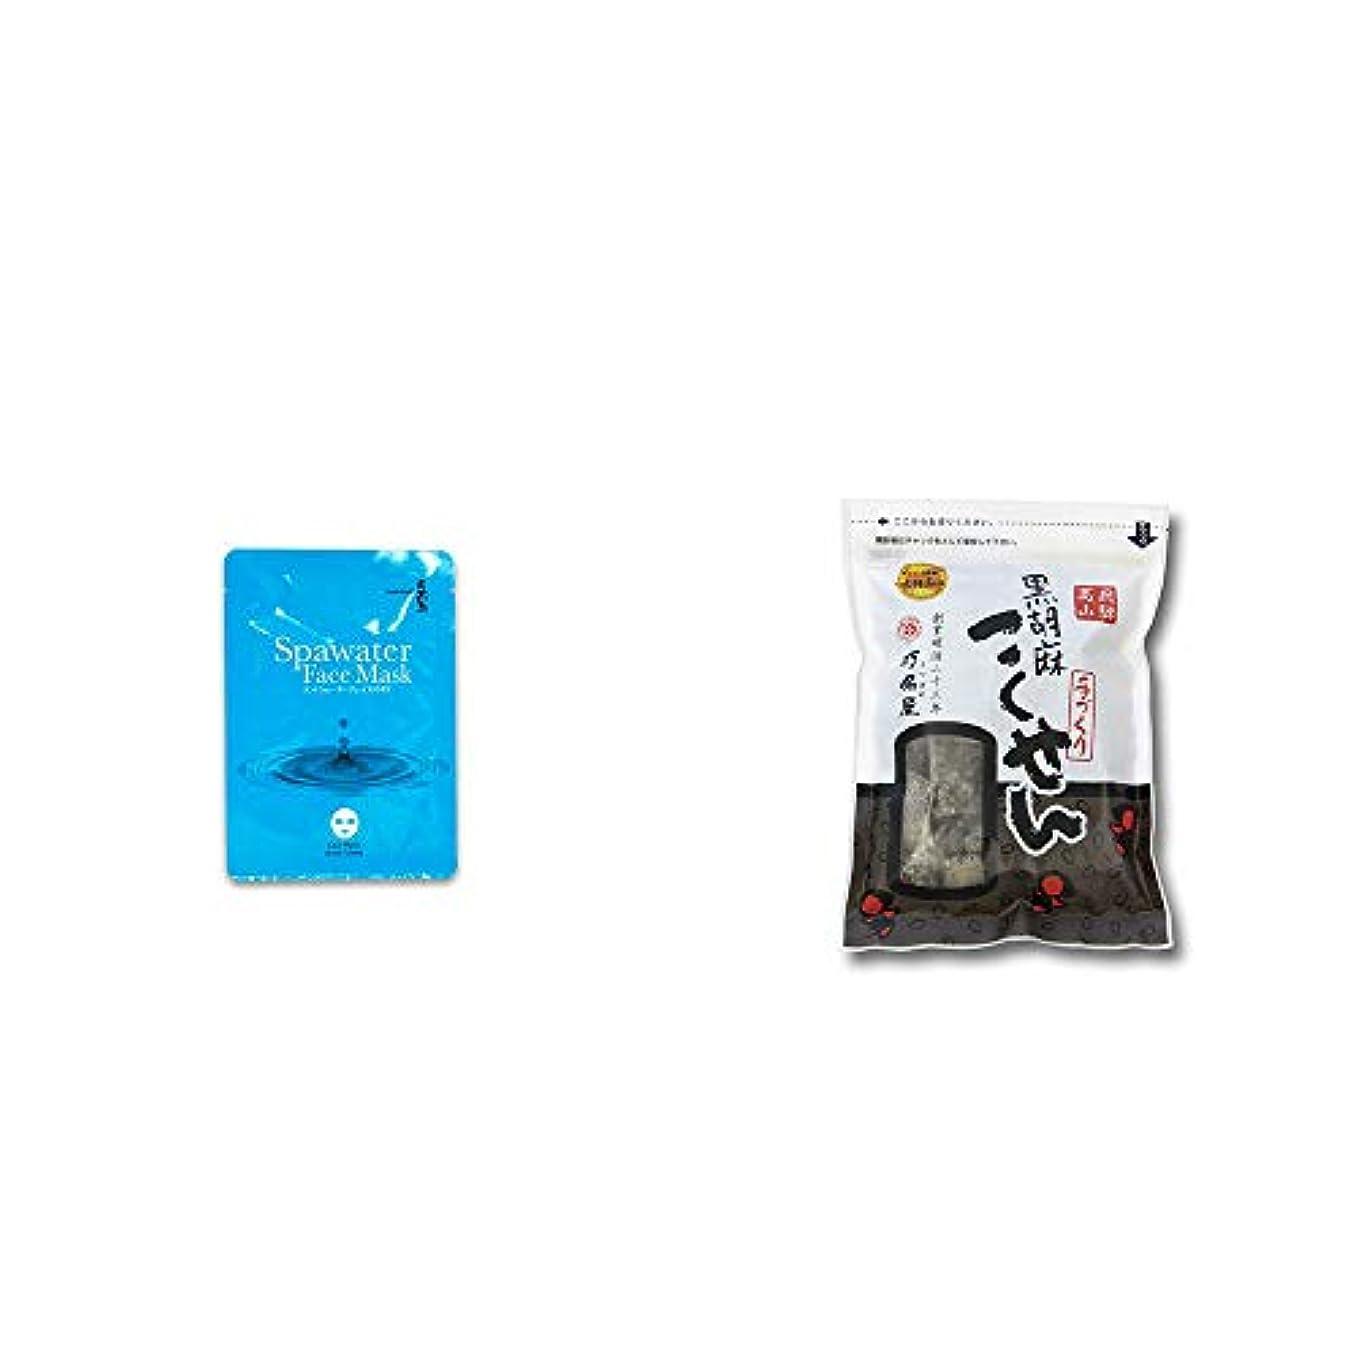 あえぎワゴン計器[2点セット] ひのき炭黒泉 スパウォーターフェイスマスク(18ml×3枚入)?飛騨 打保屋 駄菓子 げんこつきなこ(250g)